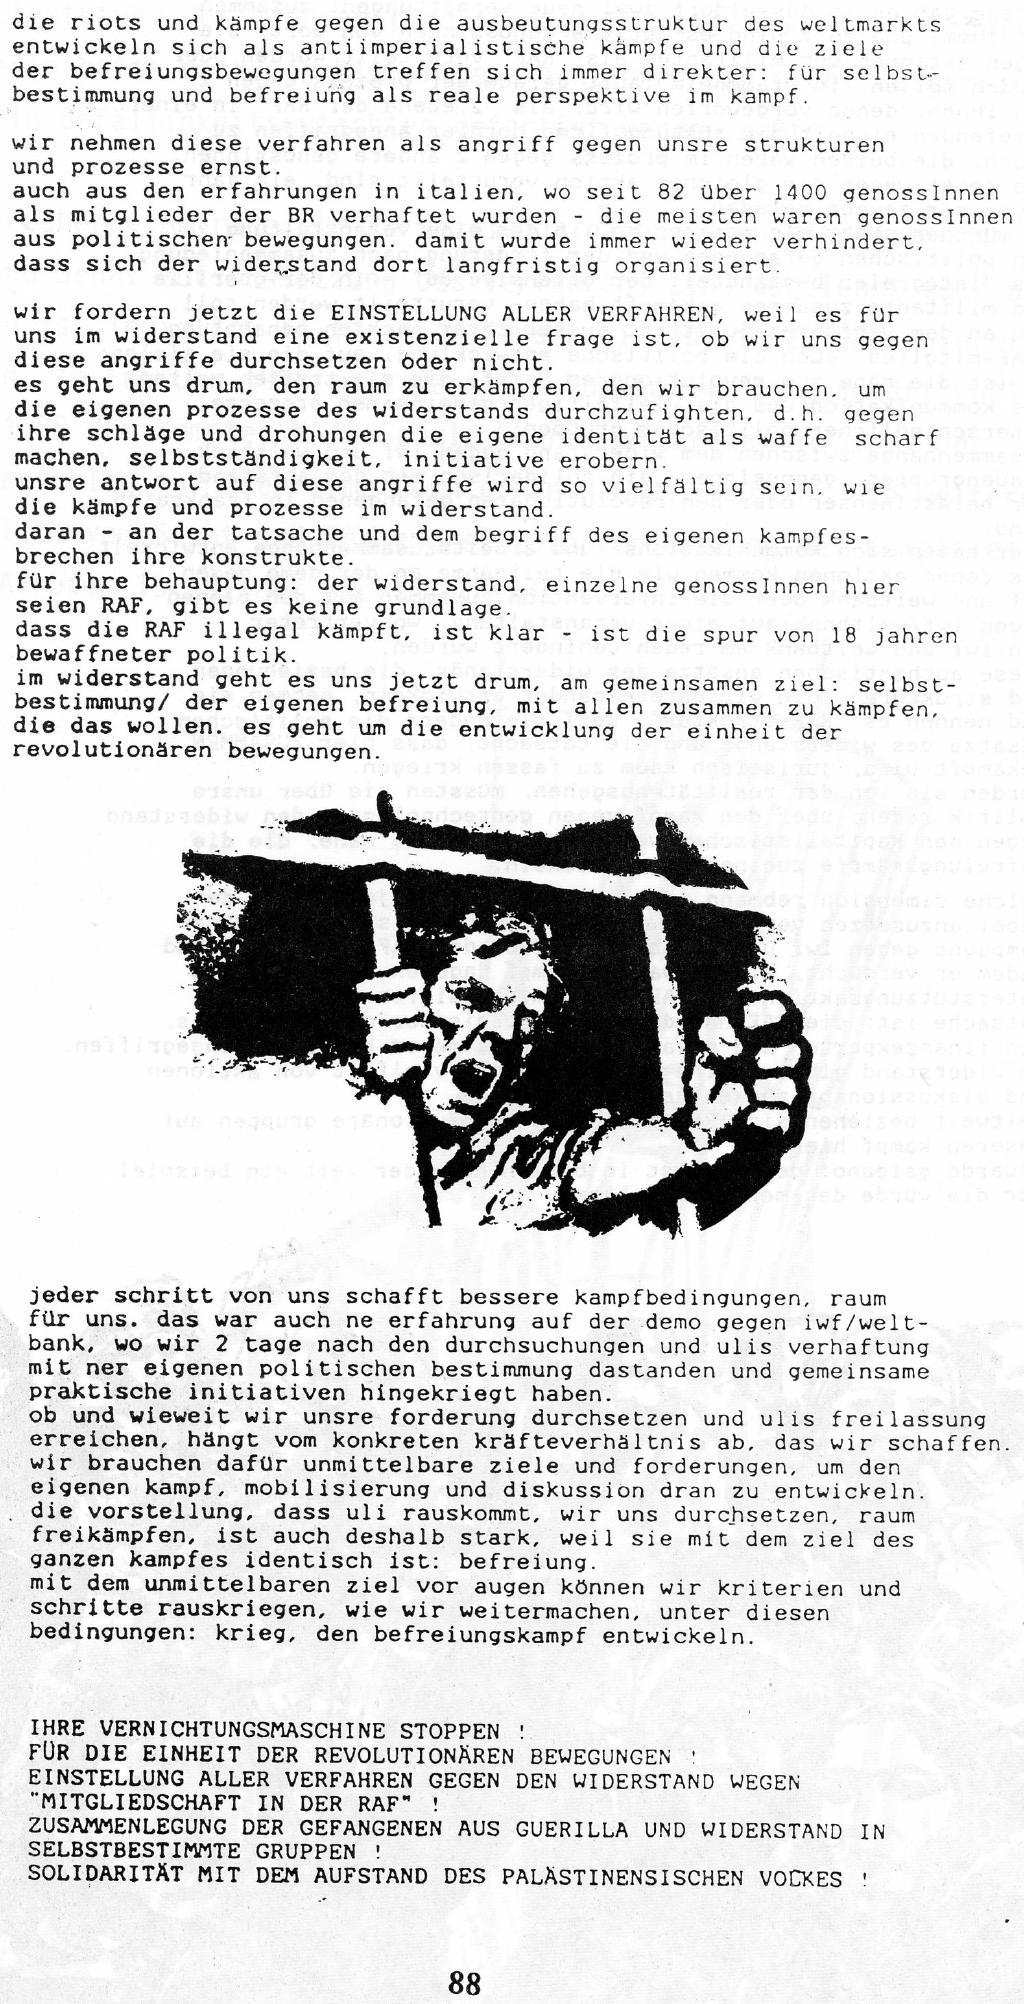 Duesseldorf_1989_Sechs_Politische_Gefangene_088